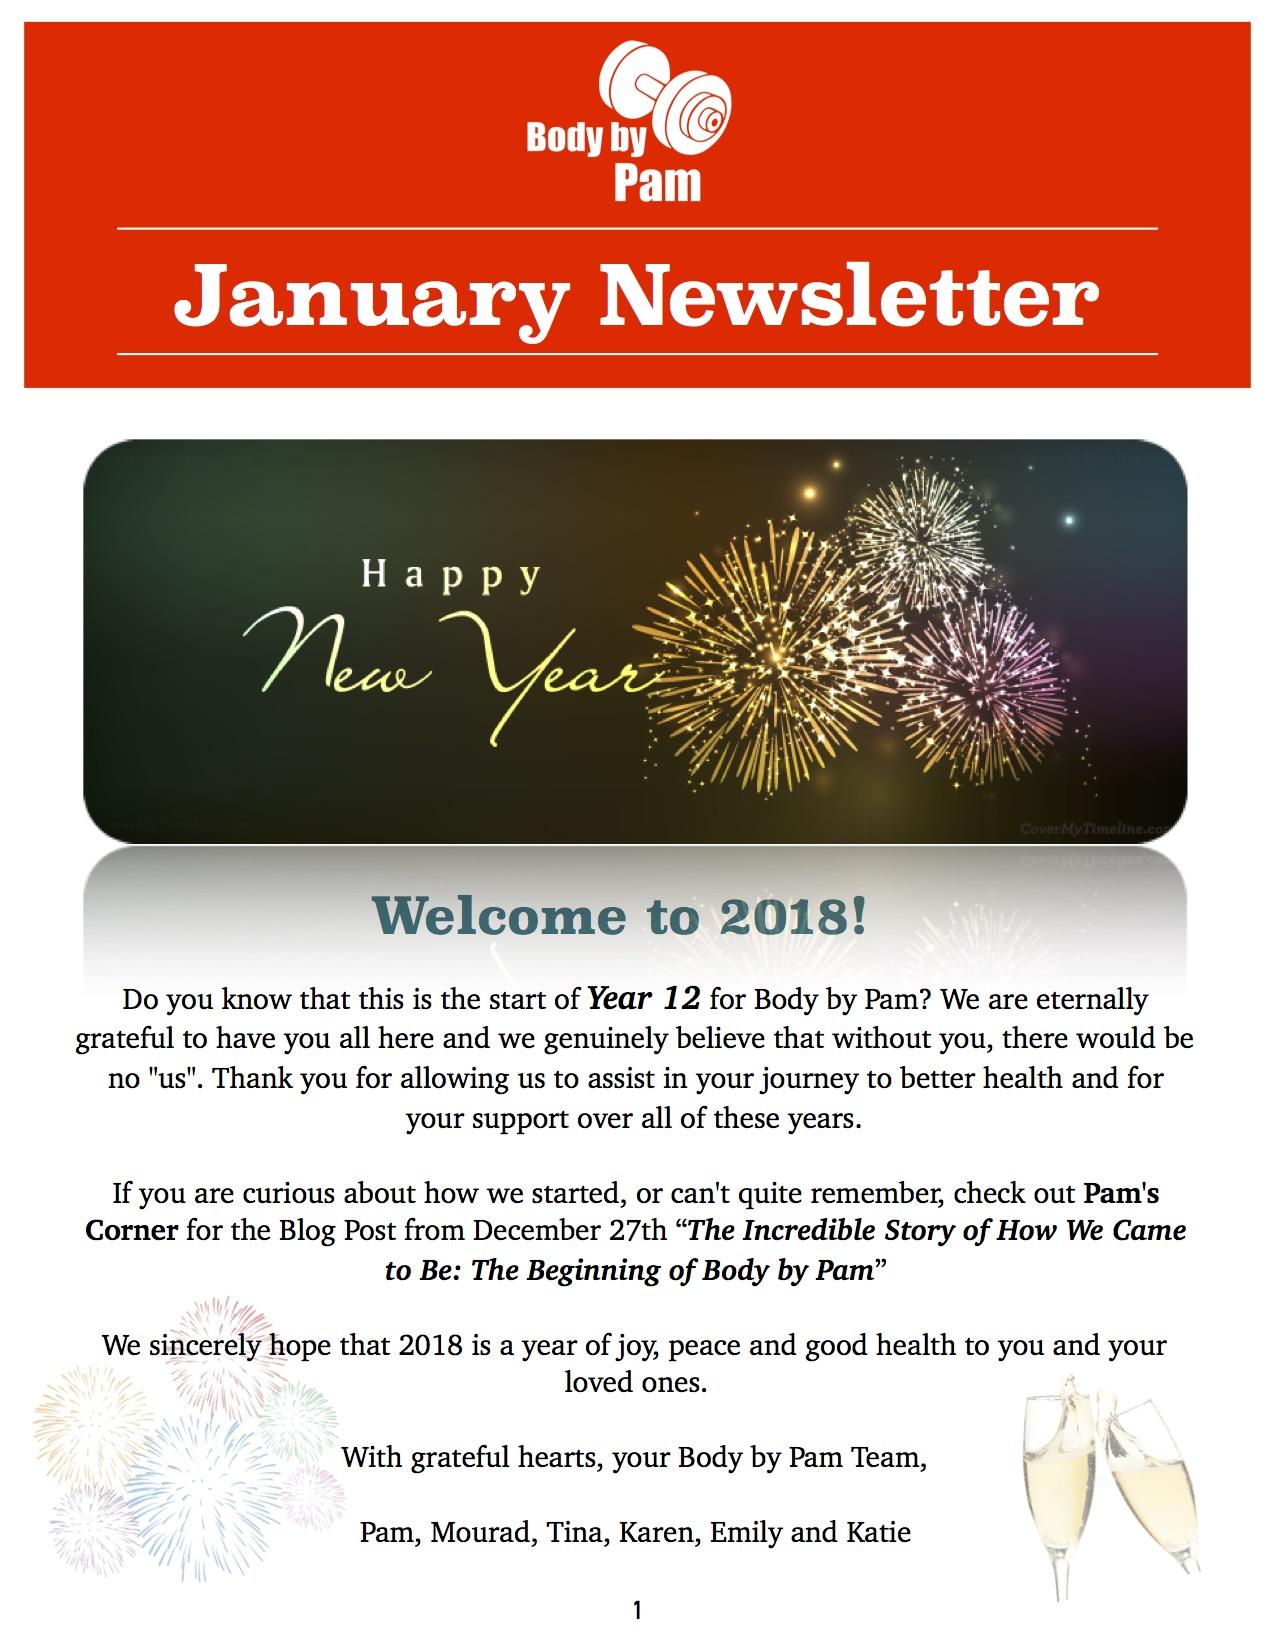 January Newsletter 1.jpg